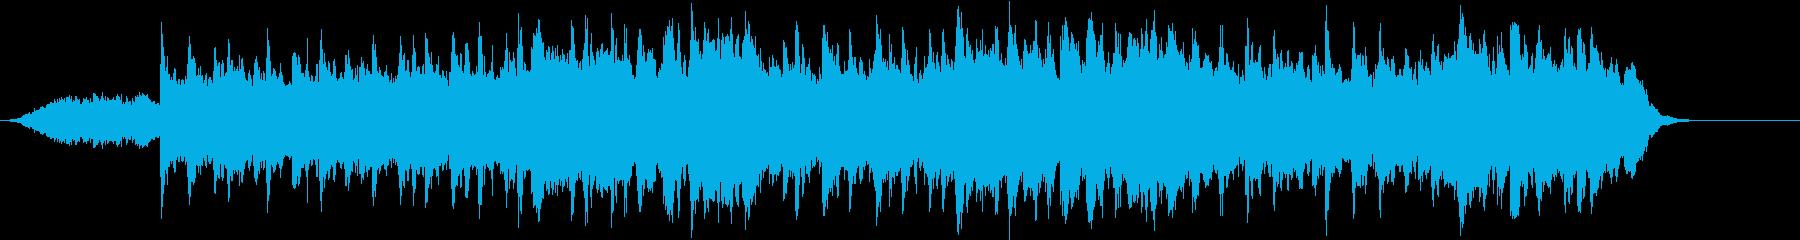 さくら」のオーケストラ風カバーですの再生済みの波形